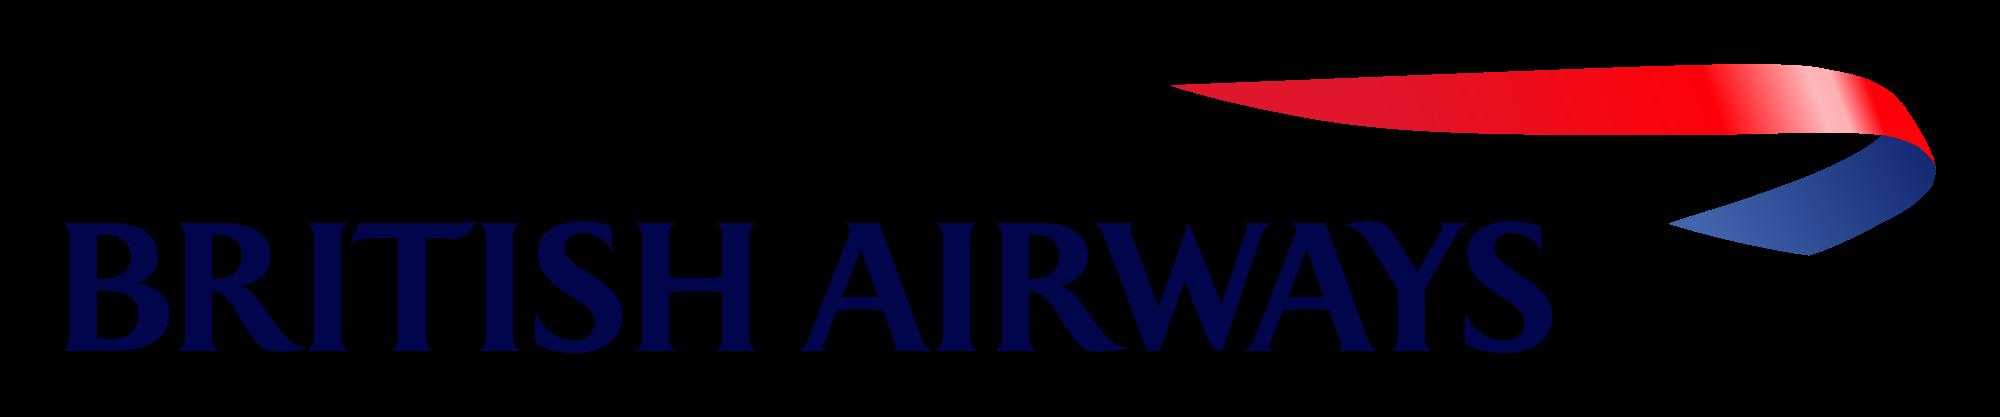 2000px-british-airways-logo.png